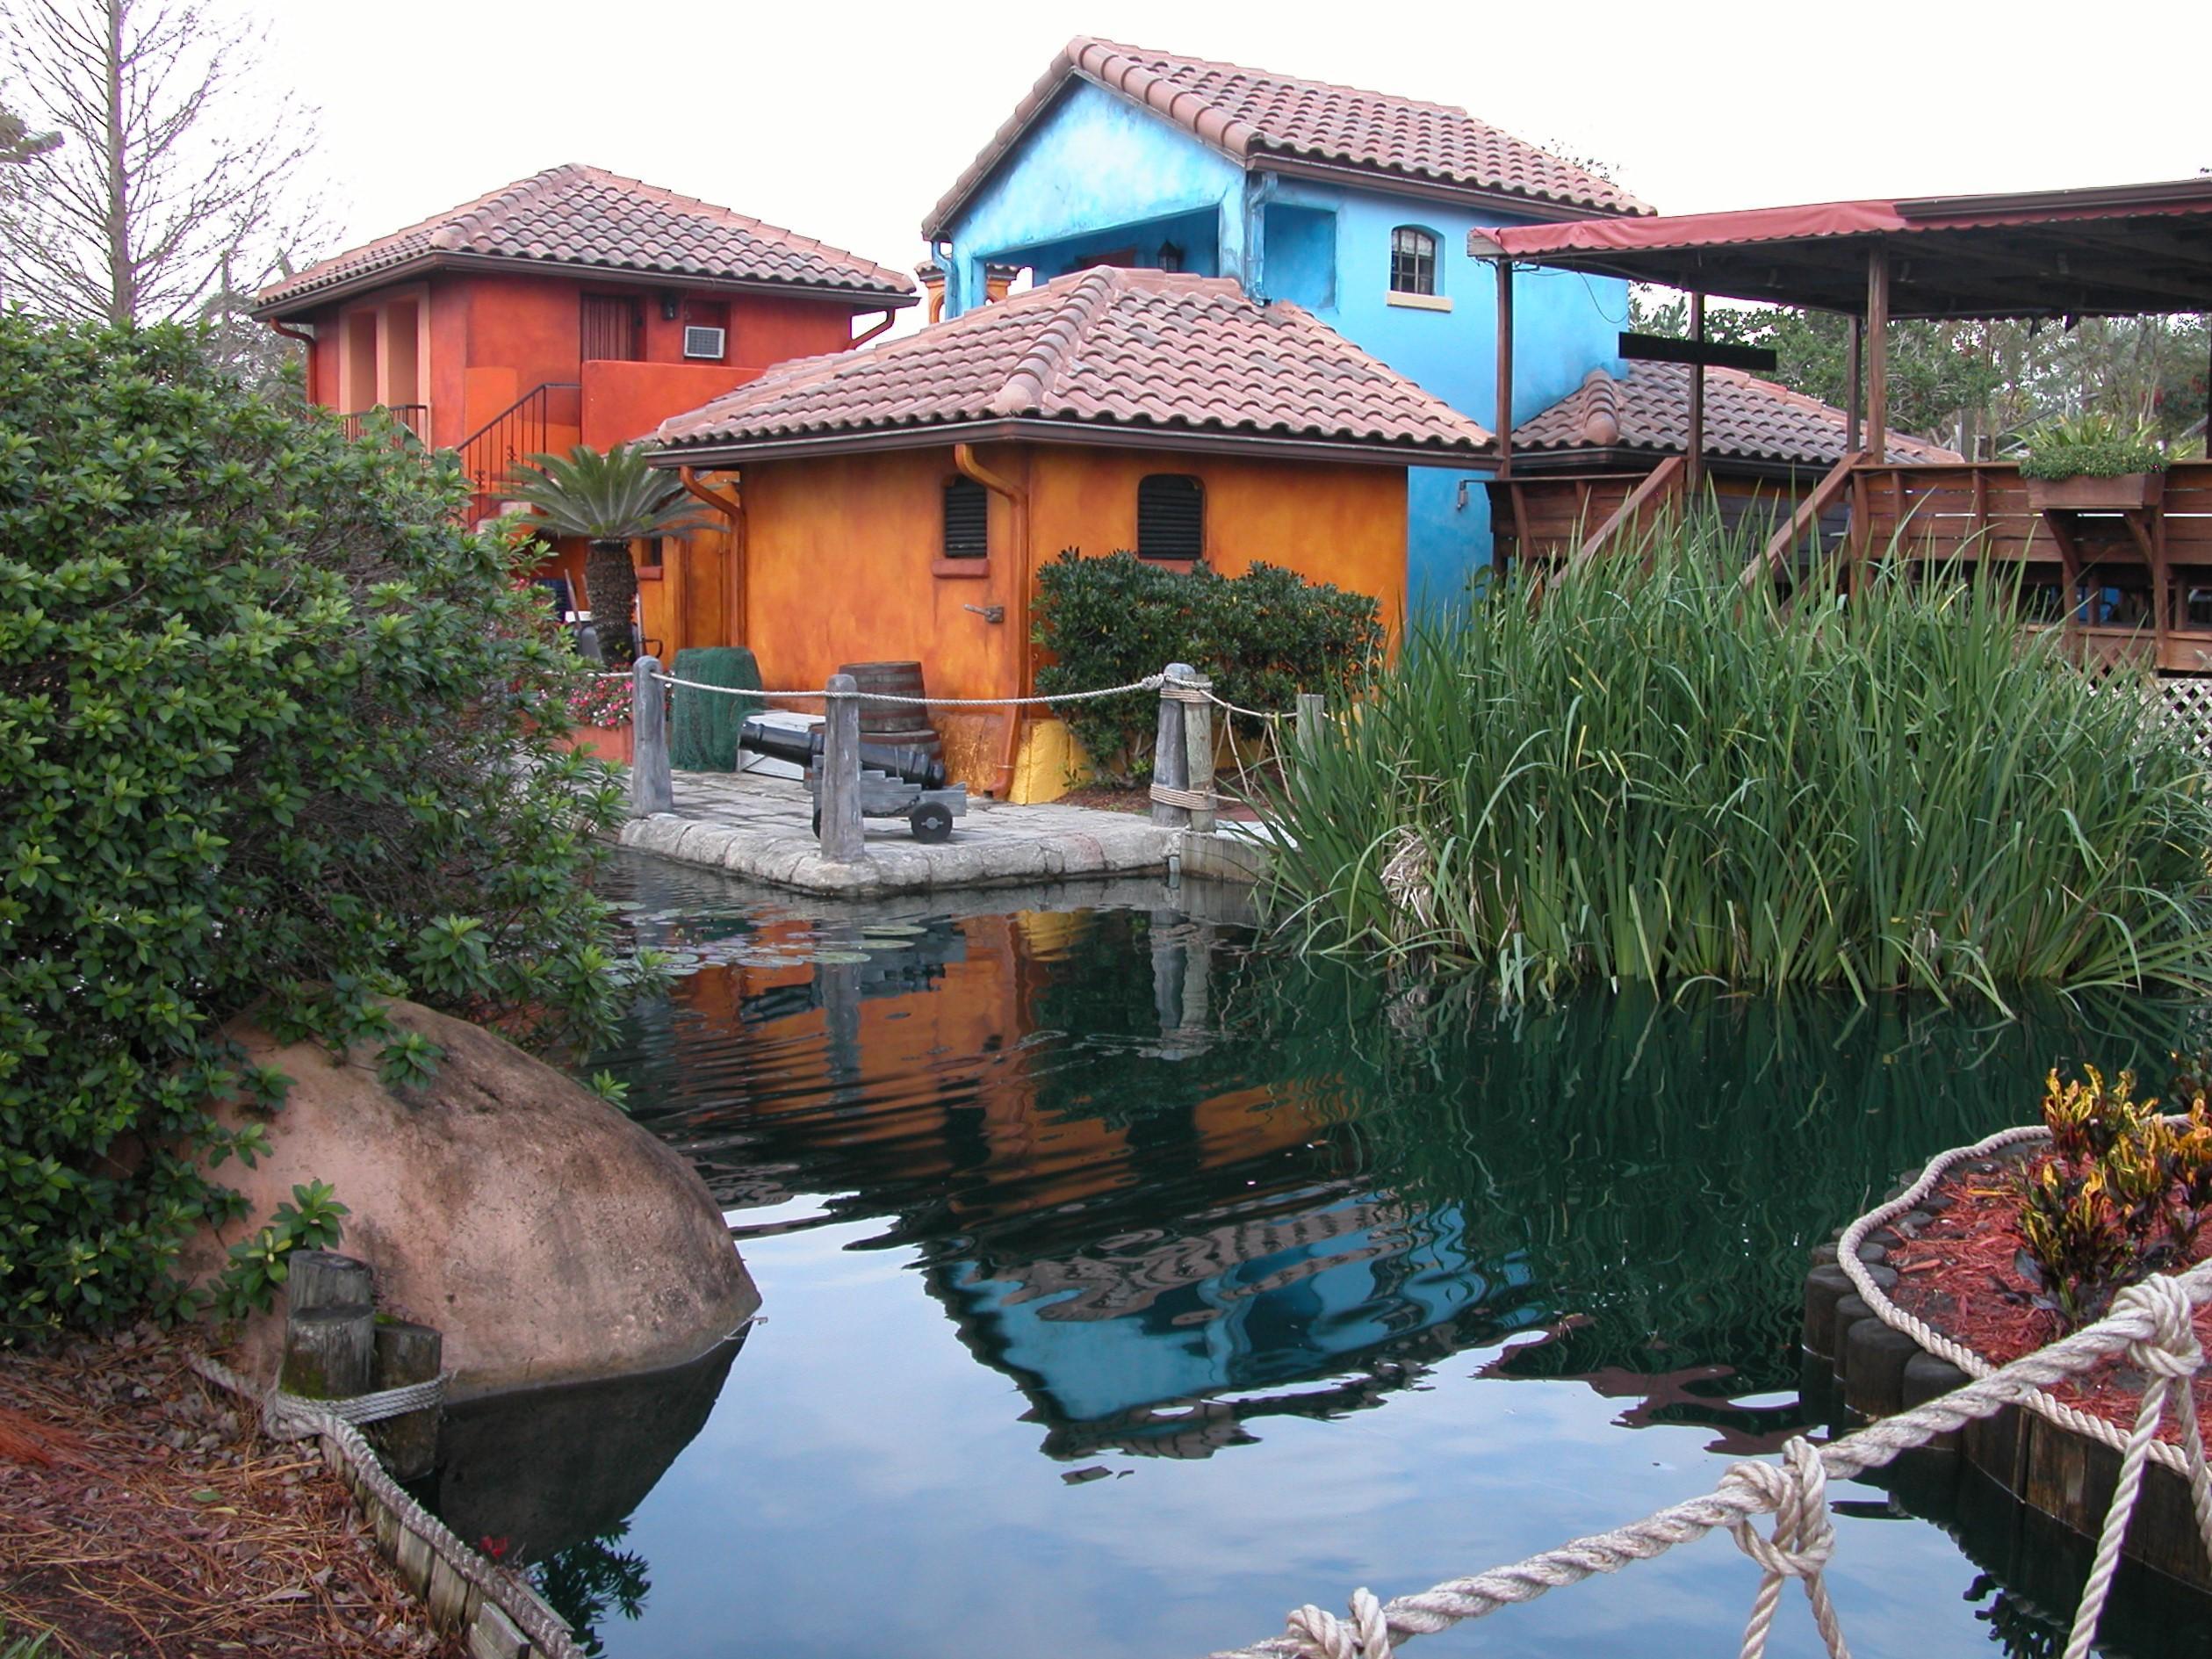 kleurrijke huizen aan waterkant